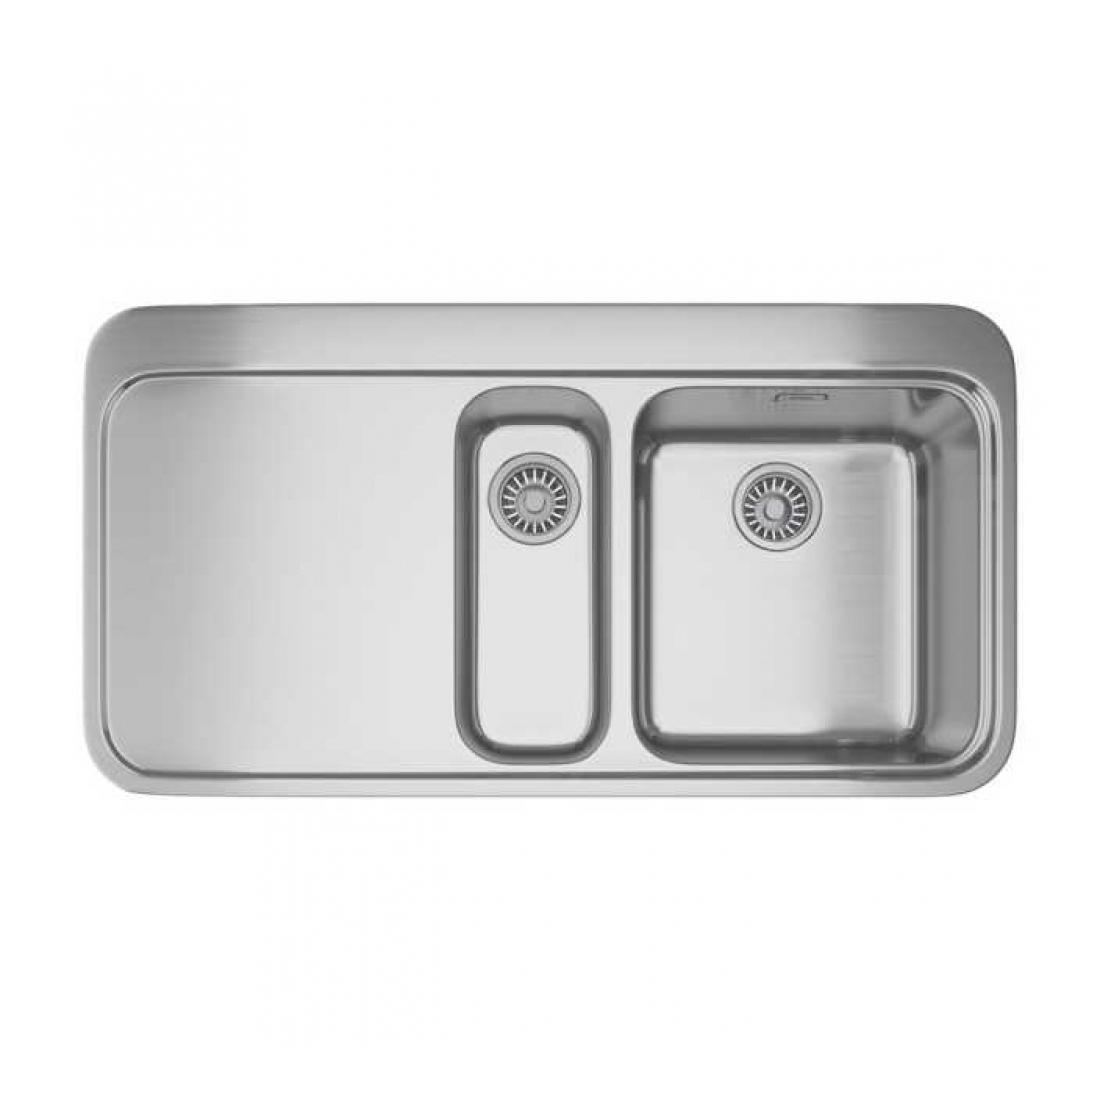 Кухонная мойка Franke Sinos SNX 251 чаша справа полированная franke snx 251 нерж сталь матовая